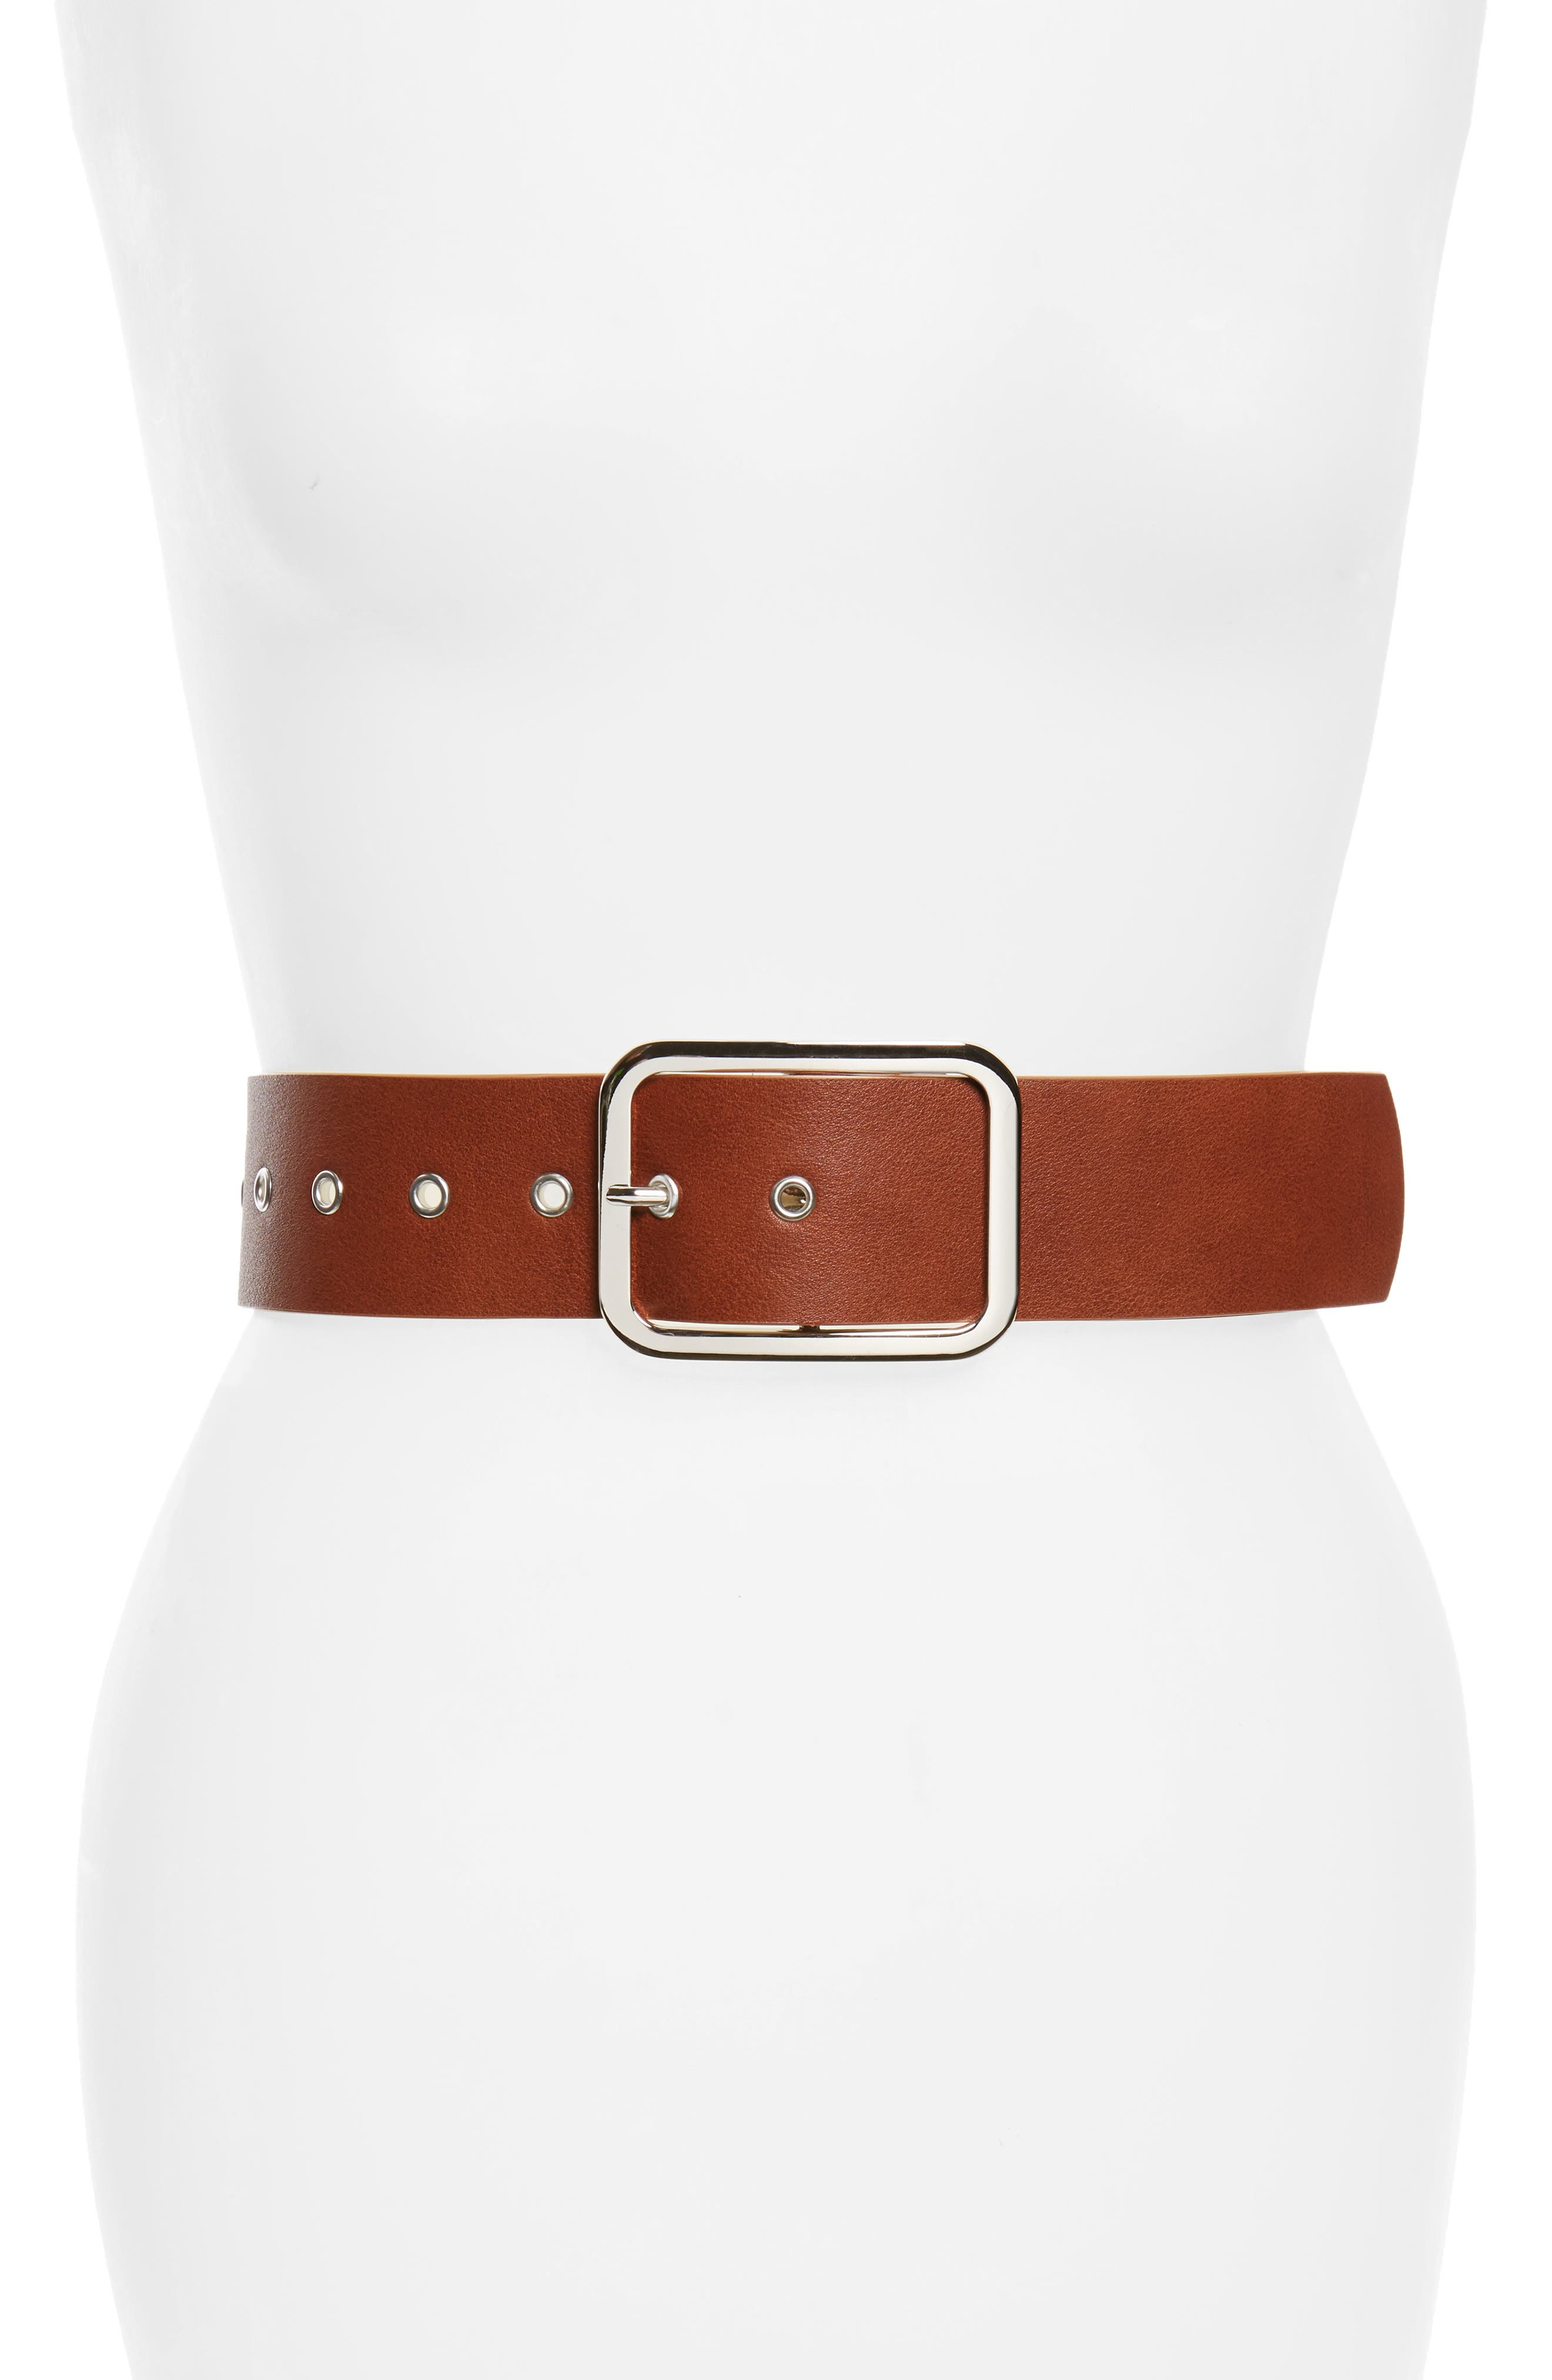 Accessory Collective Grommet Buckle Wide Faux Leather Belt,                         Main,                         color, Cognac/ Silver